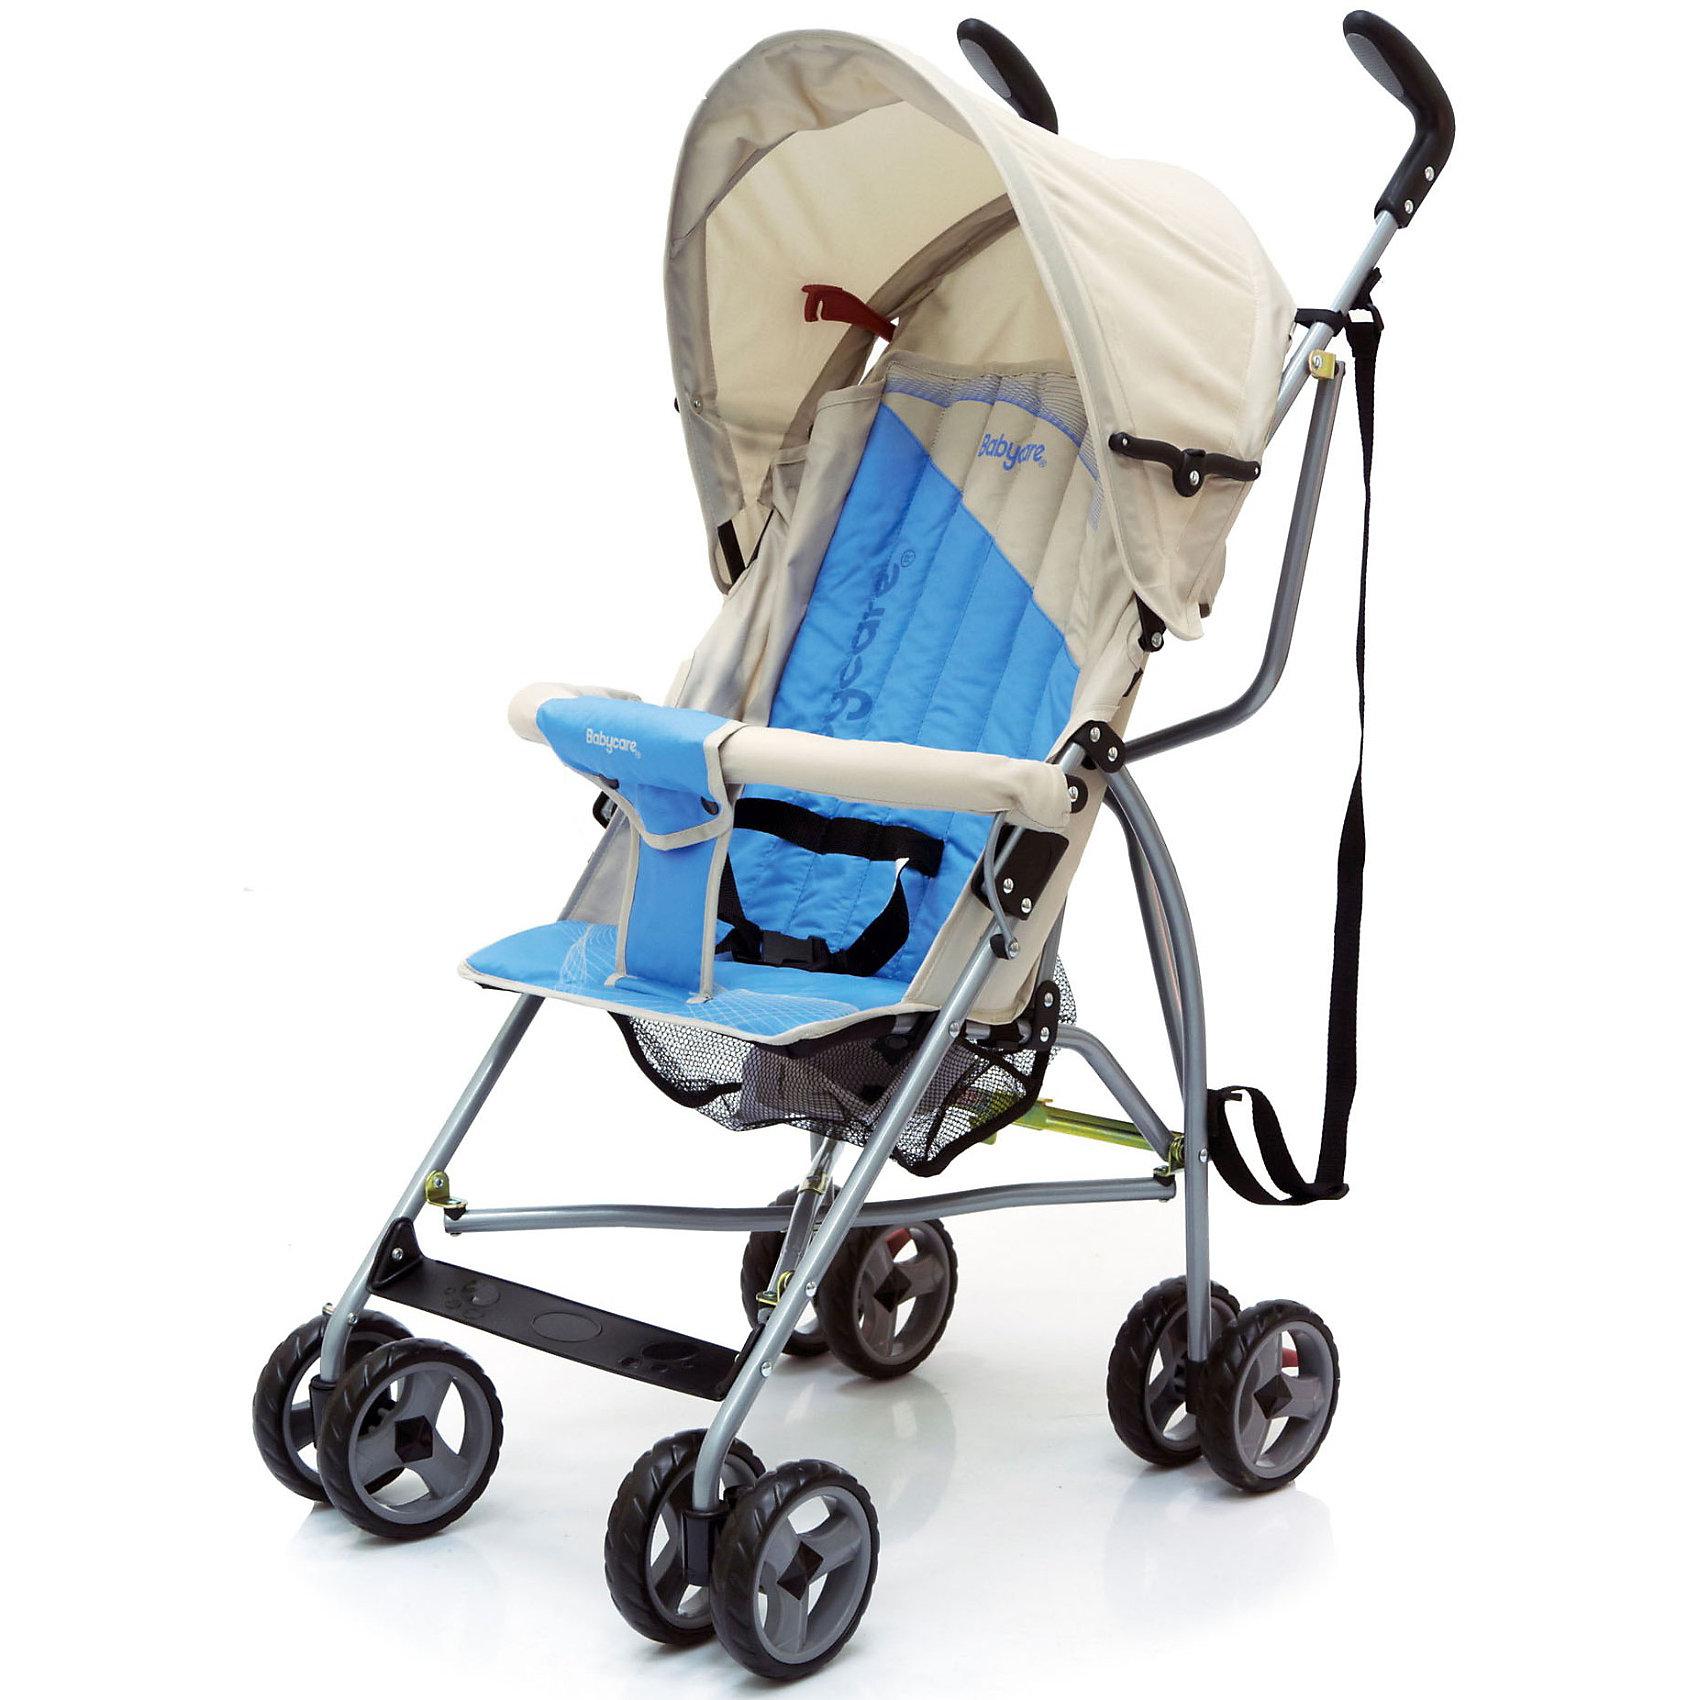 Коляска-трость Vento, Baby Care, светло-серый/голубойКоляска-трость Baby Care Vento  - легкая и маневренная прогулочная коляска, идеальная для путешествий. Благодаря продуманному оригинальному дизайну коляска очень комфортна не только для ребенка но и для мамы.  Колесная база состоит из четырех пар сдвоенных колес, сделанных из пенеплена, тормоза сделаны по последним технологиям в этой сфере. Коляска-трость Vento отличается хорошей маневренностью и проходимостью по любой местности.<br><br>Коляска оснащена удобным сиденьем для малыша с 2-точечными ремнями безопасности, спинка механически раскладывается в 2 положениях: сидя и полулежа. Для большей безопасности ребенка коляска комплектуется  бампером с мягкой обивкой. Сиденье оснащено складывающимся капюшоном с козырьком, который отлично защищает малыша от яркого солнца и ветра. В коляске имеется также просторная корзина для детских принадлежностей или покупок.<br><br>Это  замечательная походная коляска легко и компактно складывается, обладает рекордно малым весом, что позволяют использовать ее во время поездок и путешествий, перевозить в автомобиле и самолете.<br><br>Особенности:<br><br>- плечевой ремень для переноски в сложенном состоянии;<br>- легкая алюминиевая рама;<br>- двухточечные ремни безопасности;<br>- перемычка для ножек не позволяет ребёнку съезжать;<br>- мягкие сдвоенные колеса из искусственной вспененной резины;<br>- передние поворотные колеса;<br>- стояночные тормоза на задних колесах;<br>- легко и быстро складывается. <br>- есть корзина для игрушек;<br>- бампер съемный;<br>    <br>Дополнительная информация:<br><br>- Материал: ткань, аллюминий.<br>- Цвет: светло-серый/голубой.<br>- Глубина сиденья - 21 см.<br>- Высота спинки сиденья: 43,5 см. <br>- Ширина сиденья: 29 см.<br>- Диаметр передних колес: 12 см.<br>- Ширина колесной базы: 44 см.<br>- Размеры коляски: 112 х 33 х 46 см.<br>- Размеры в упаковке: 25 х 30 х 85 см.<br>- Вес: 5 кг.  <br><br>Коляску-трость Vento от Baby Care можно купить в нашем инте